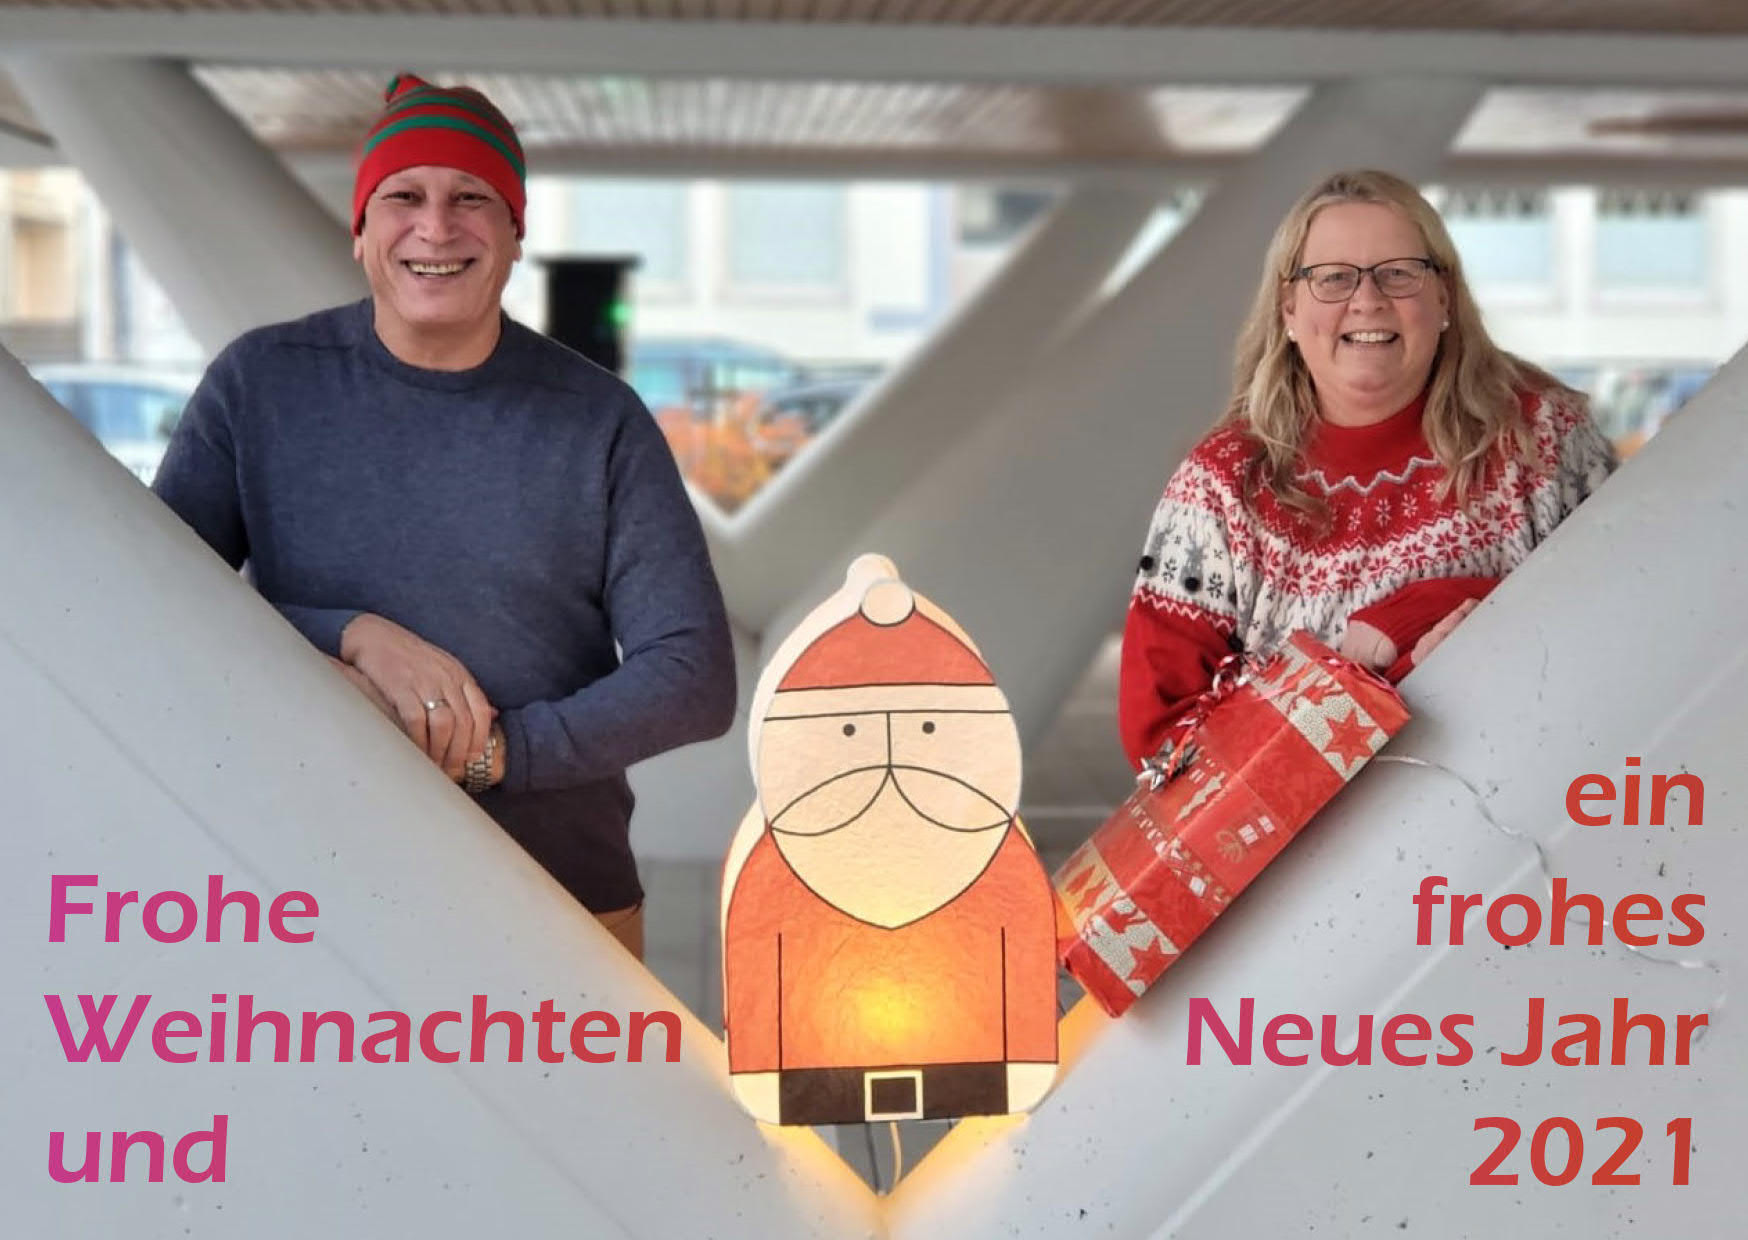 Weihnachts-/Neujahrsgrüße SPD für den Frankfurter Norden